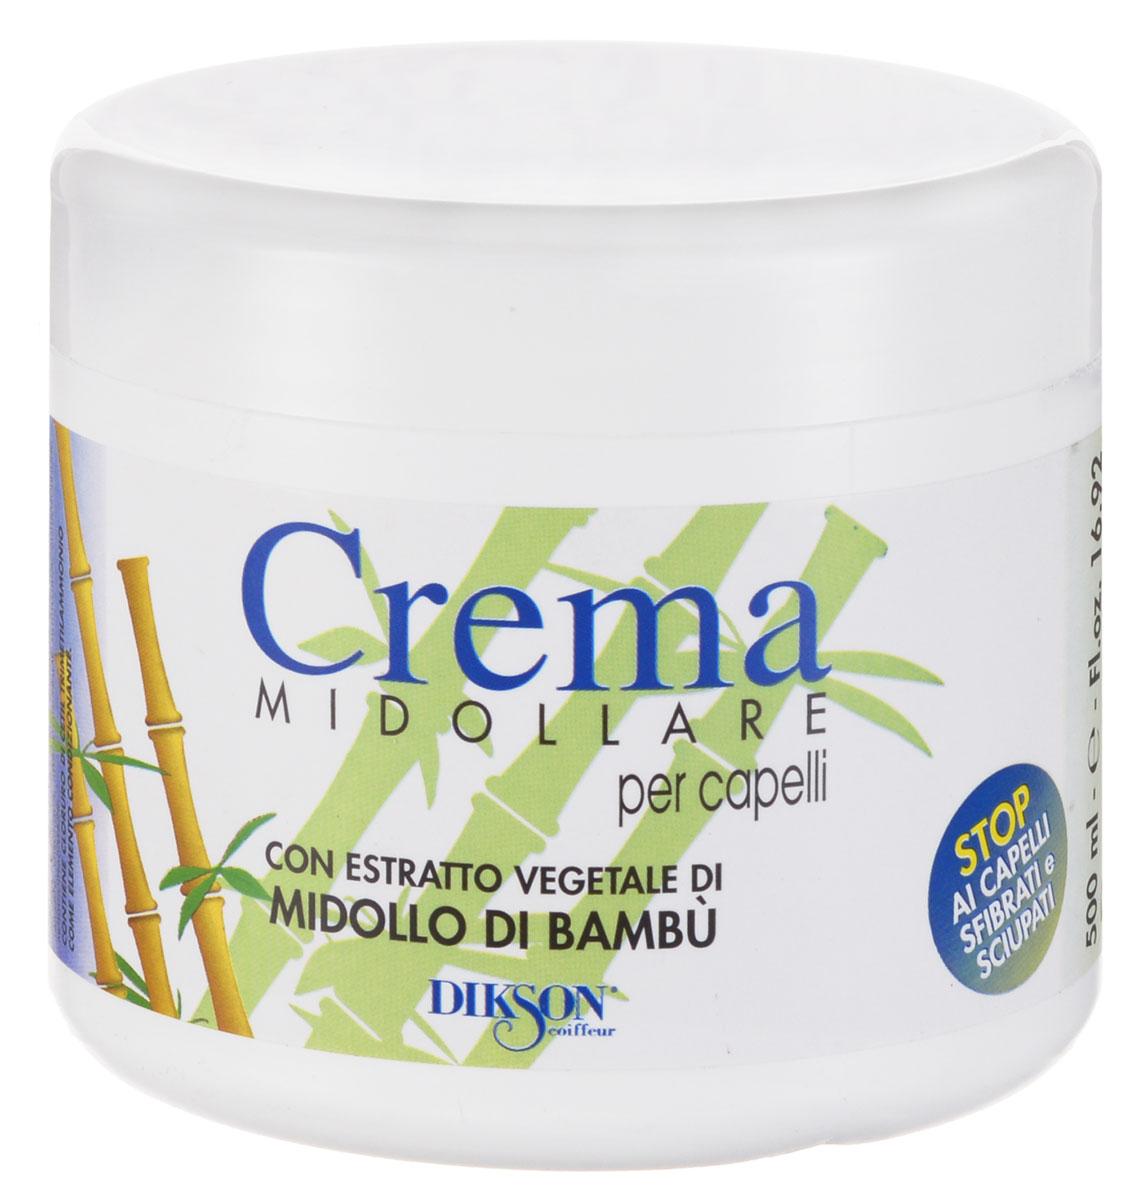 Dikson Восстанавливающий бальзам с экстрактом бамбука Crema Midollare Bambu 500 мл850Crema Midollare Bambu - крем-бальзам, предназначенный для восстановления и питания секущихся, поврежденных и безжизненных волос. Нейтрализует секущиеся кончики, питает волосы, тонизирует их и препятствует выпадению. Дарит волосам блеск и шелковистость.